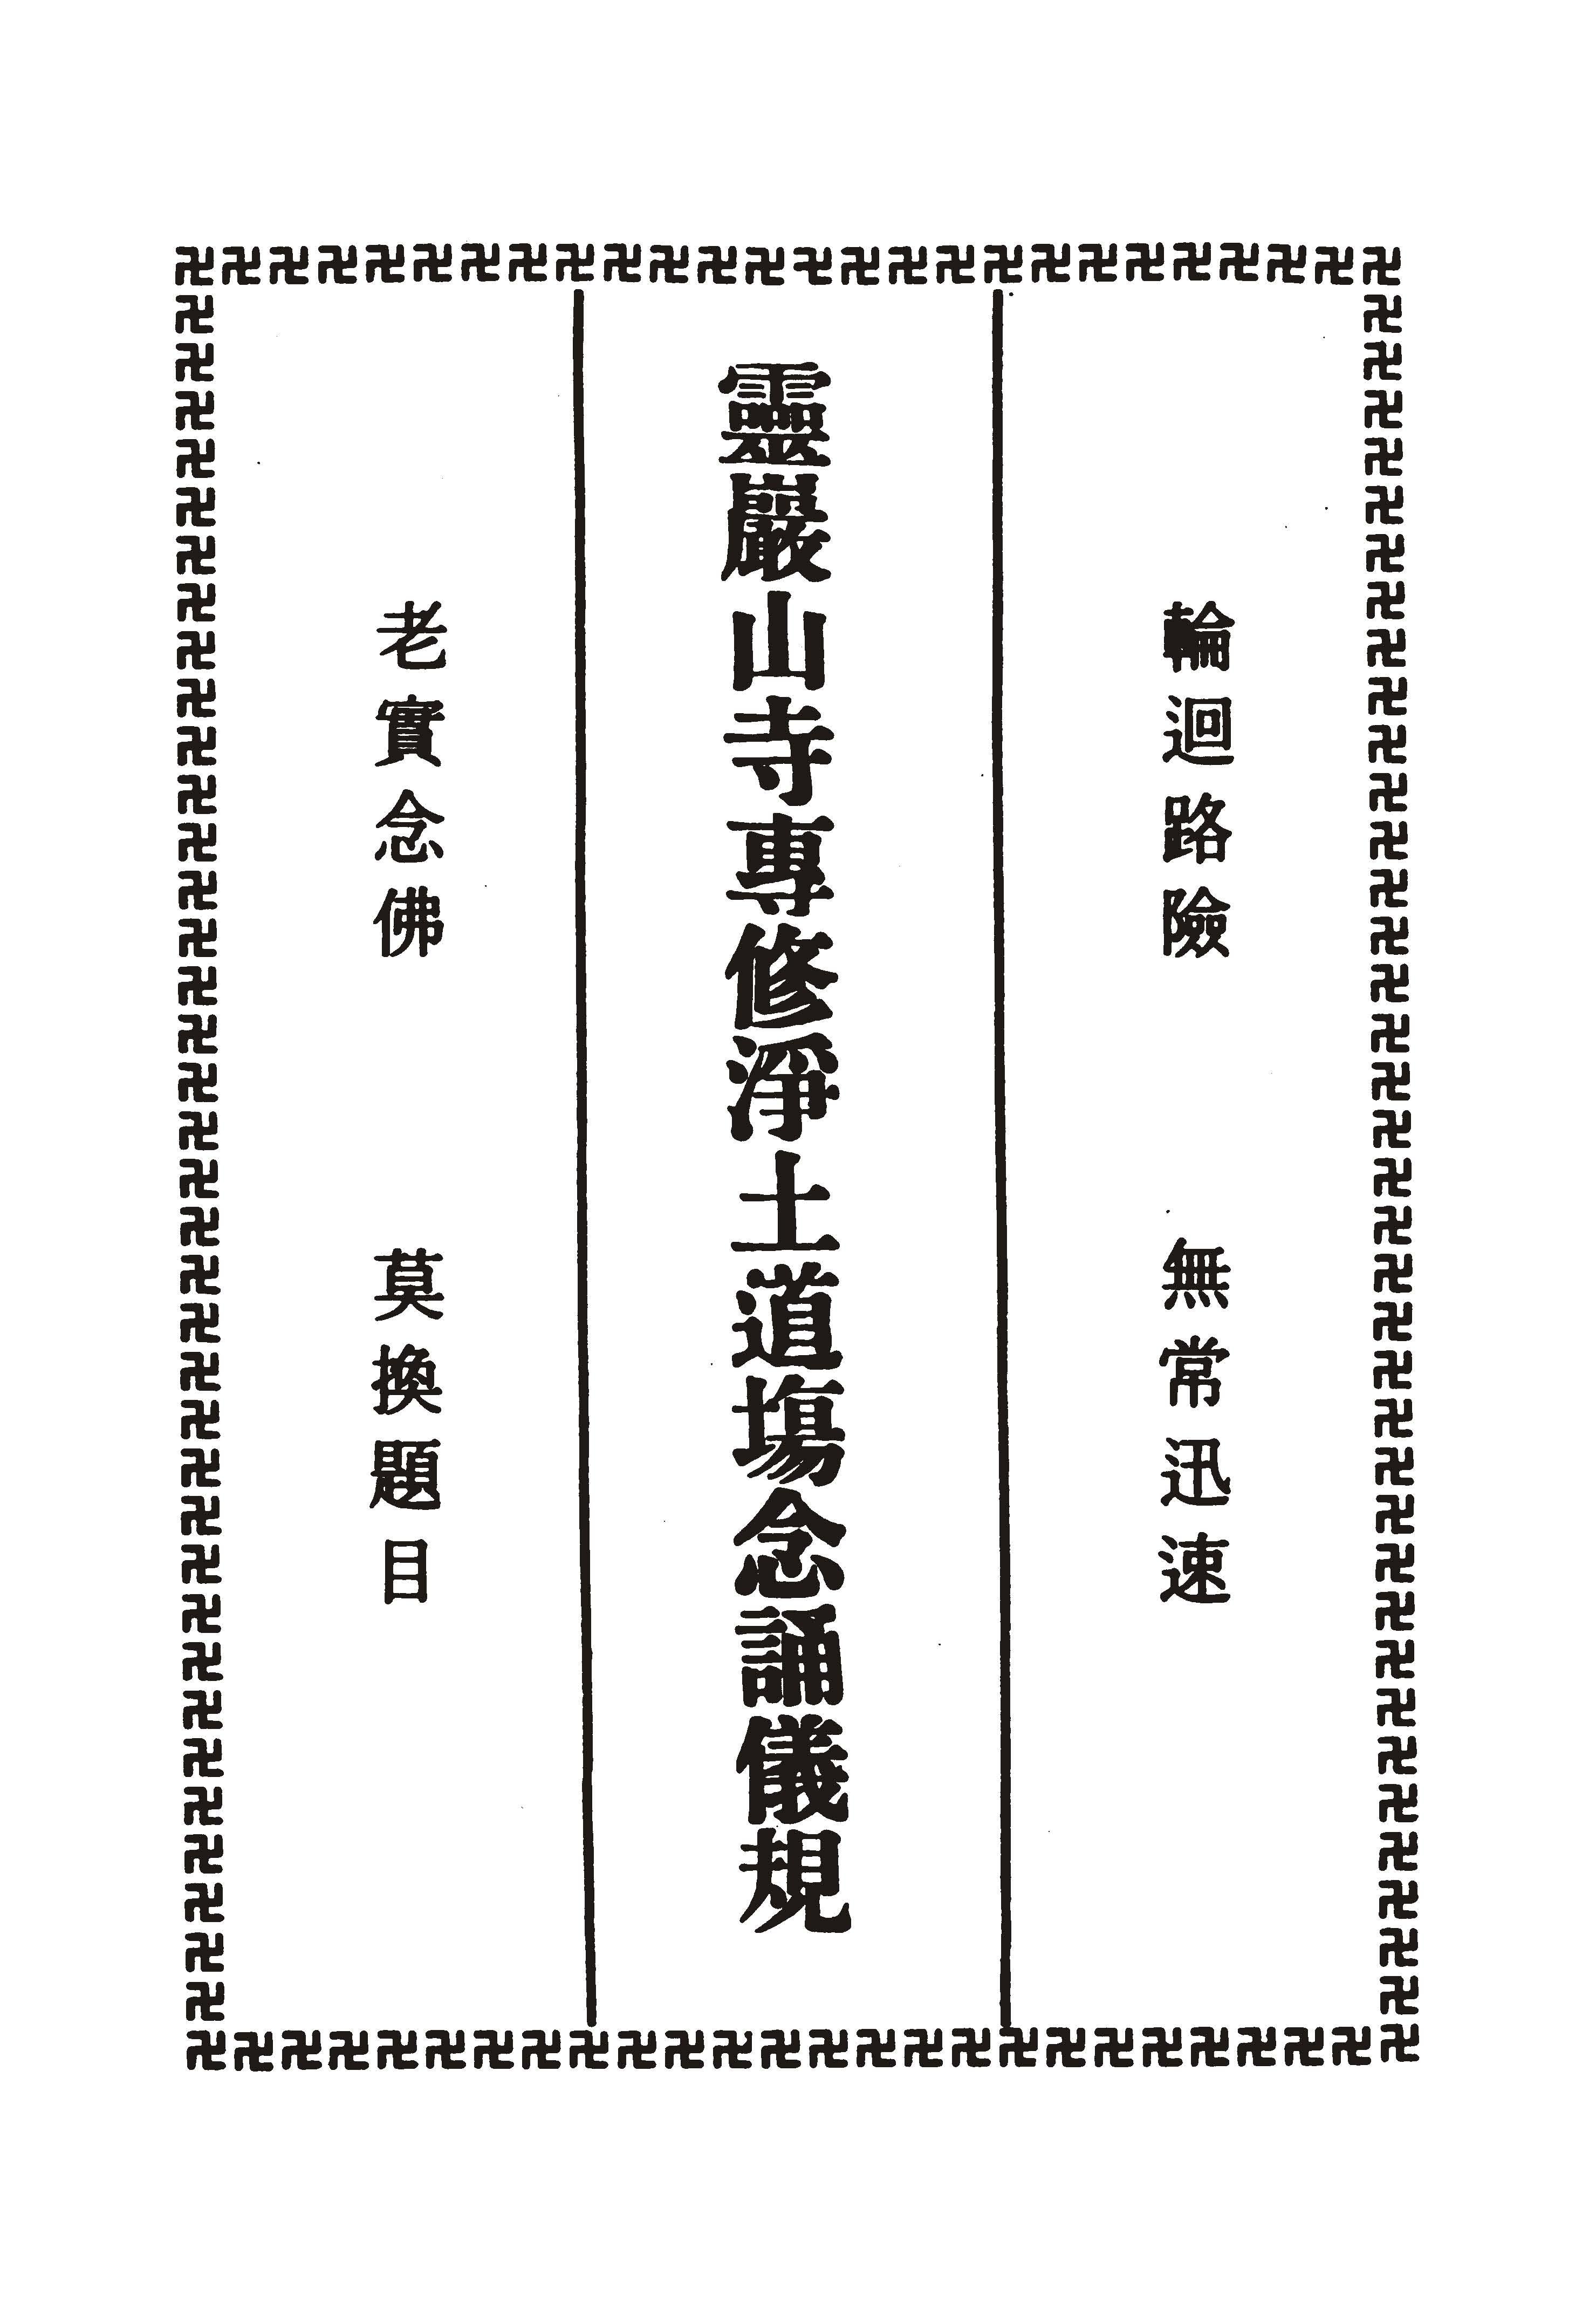 灵岩山寺专修净土道场念诵仪规